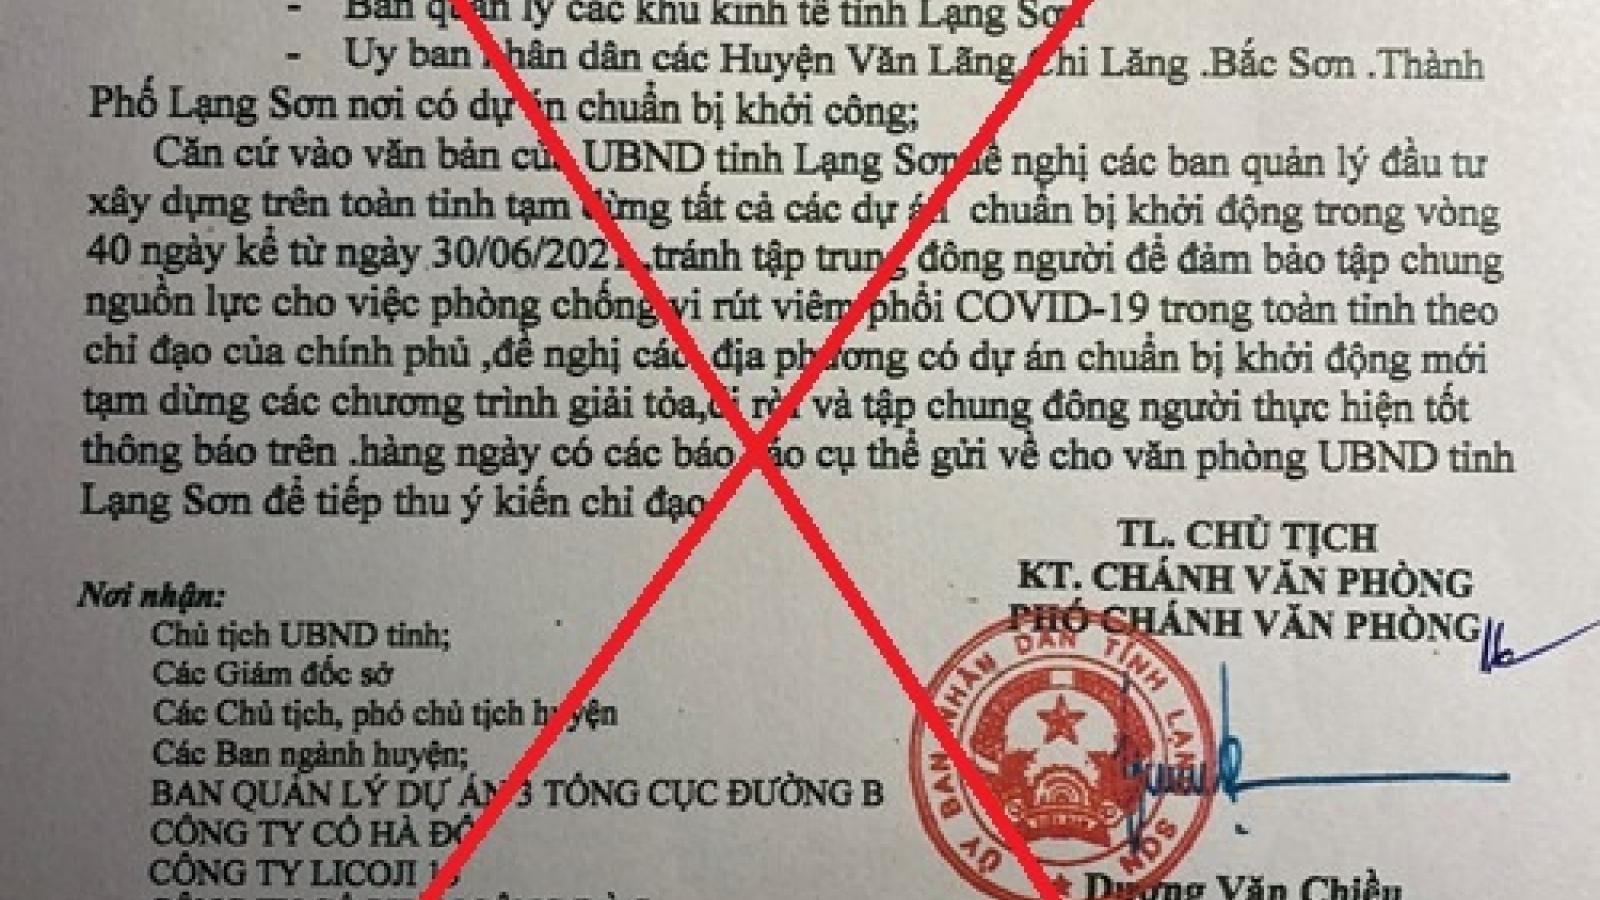 Xuất hiện văn bản giả mạo chỉ đạo của UBND tỉnh Lạng Sơn